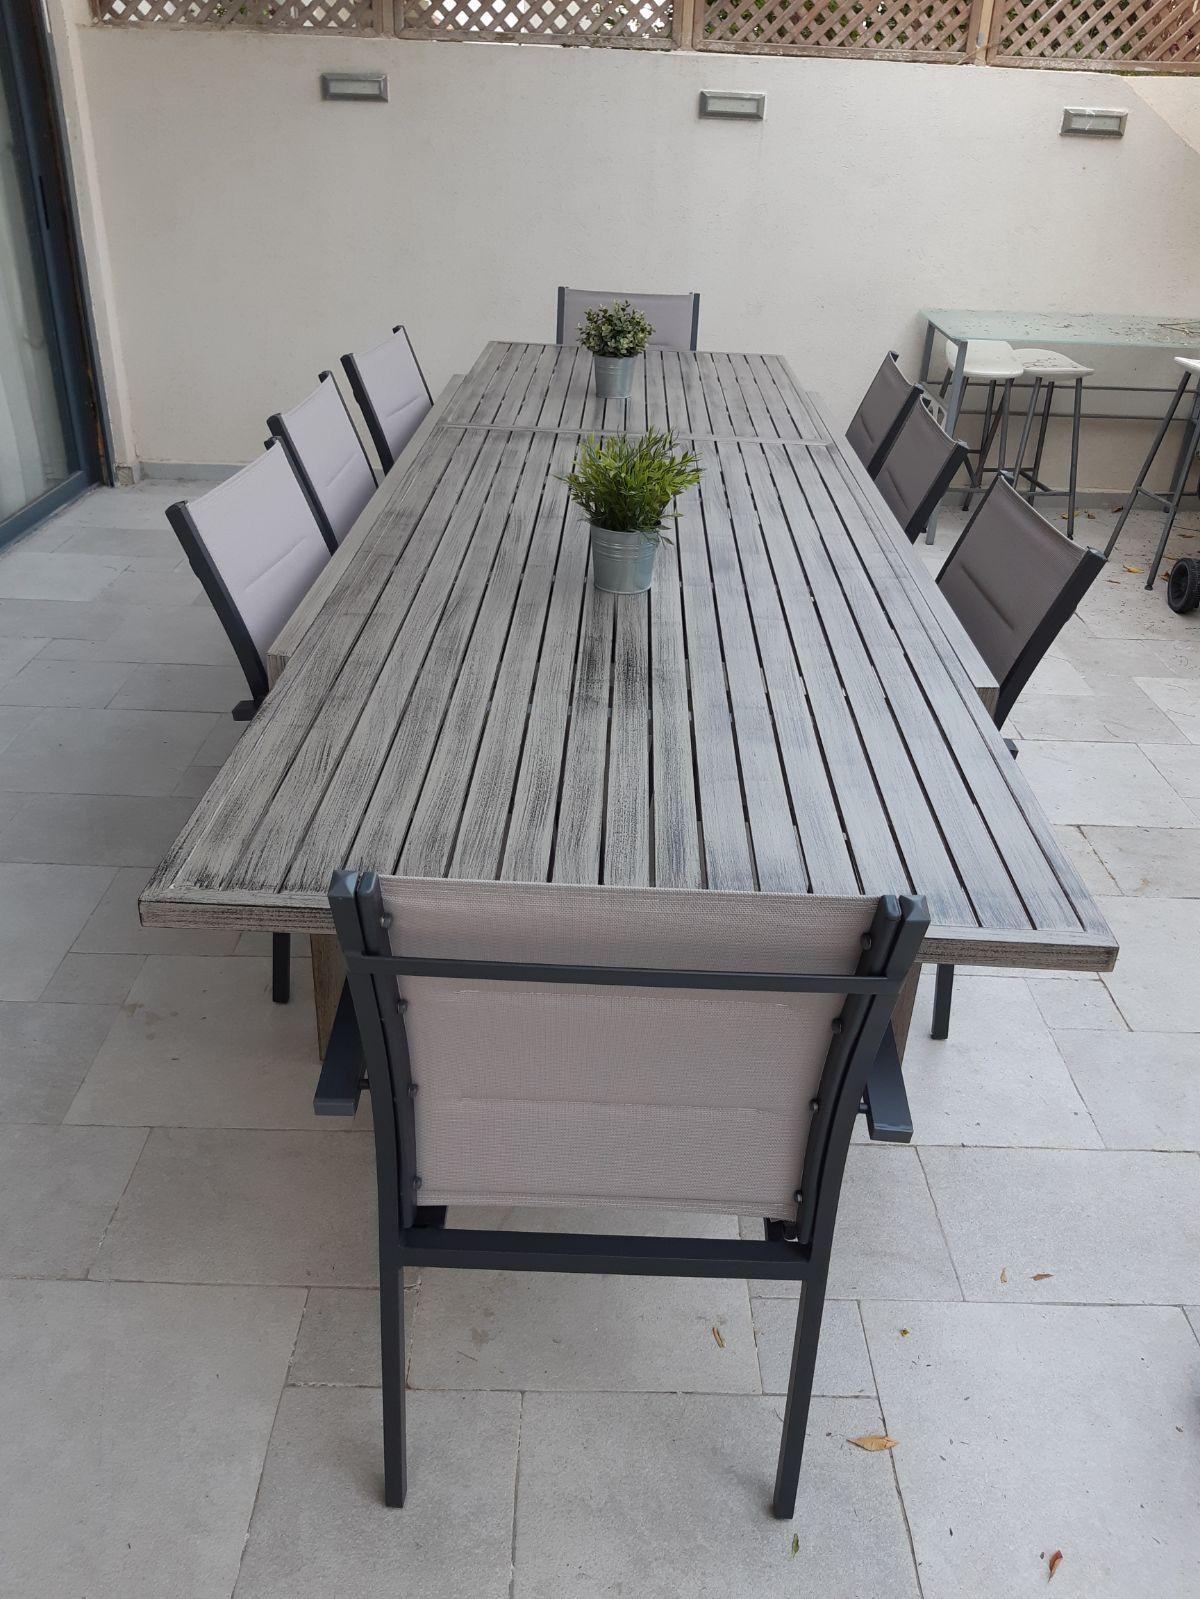 חדש בהום גרדן שולחן נפתח לגינה %100 אלומיניום 100X200\320 צבע ברוש כולל 6 כסאות